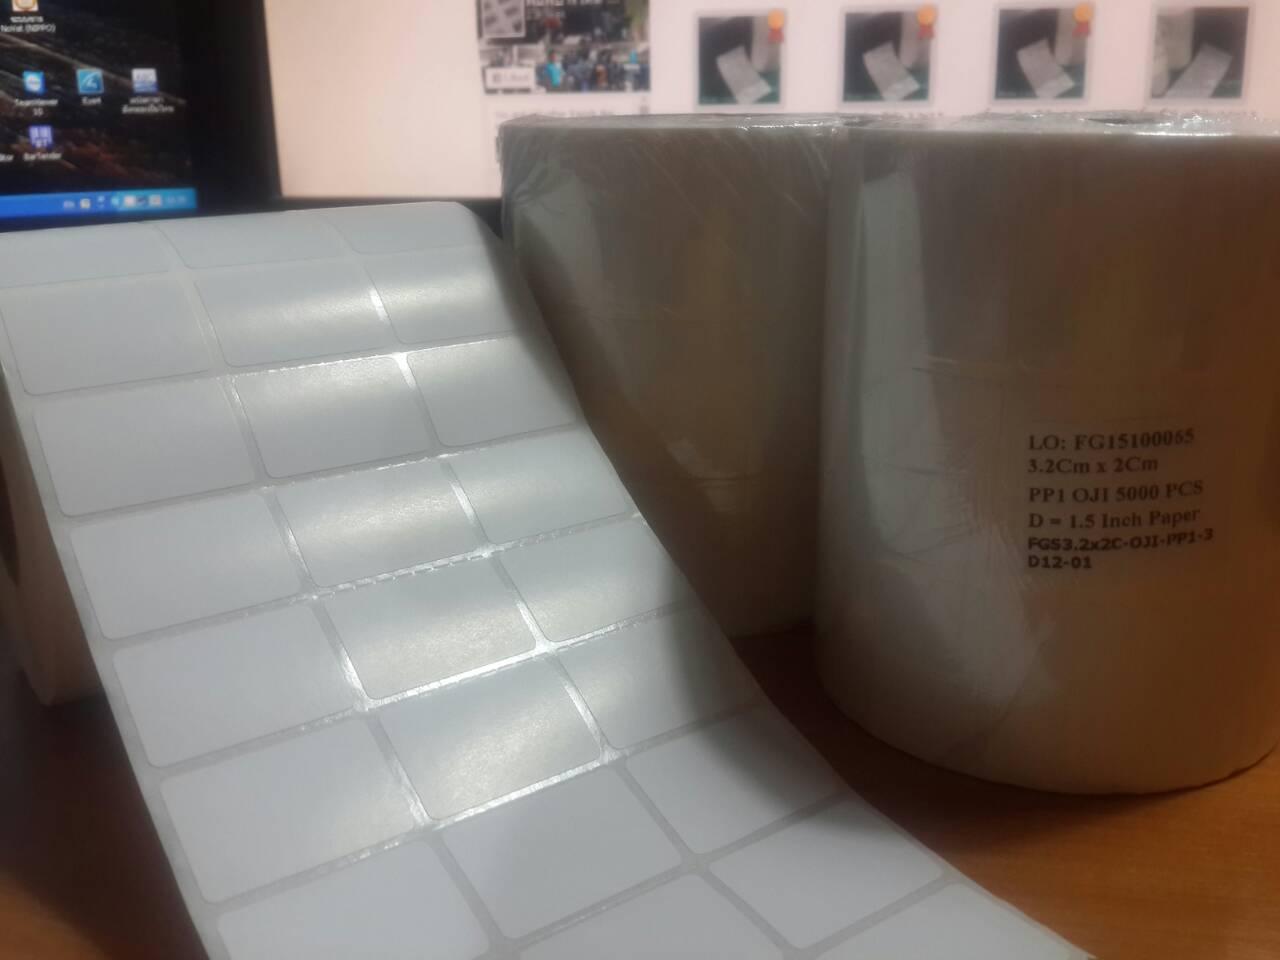 สติ๊กเกอร์บาร์โค๊ด 3.2x2 cm ขนาด 5000 ดวง/ม้วน